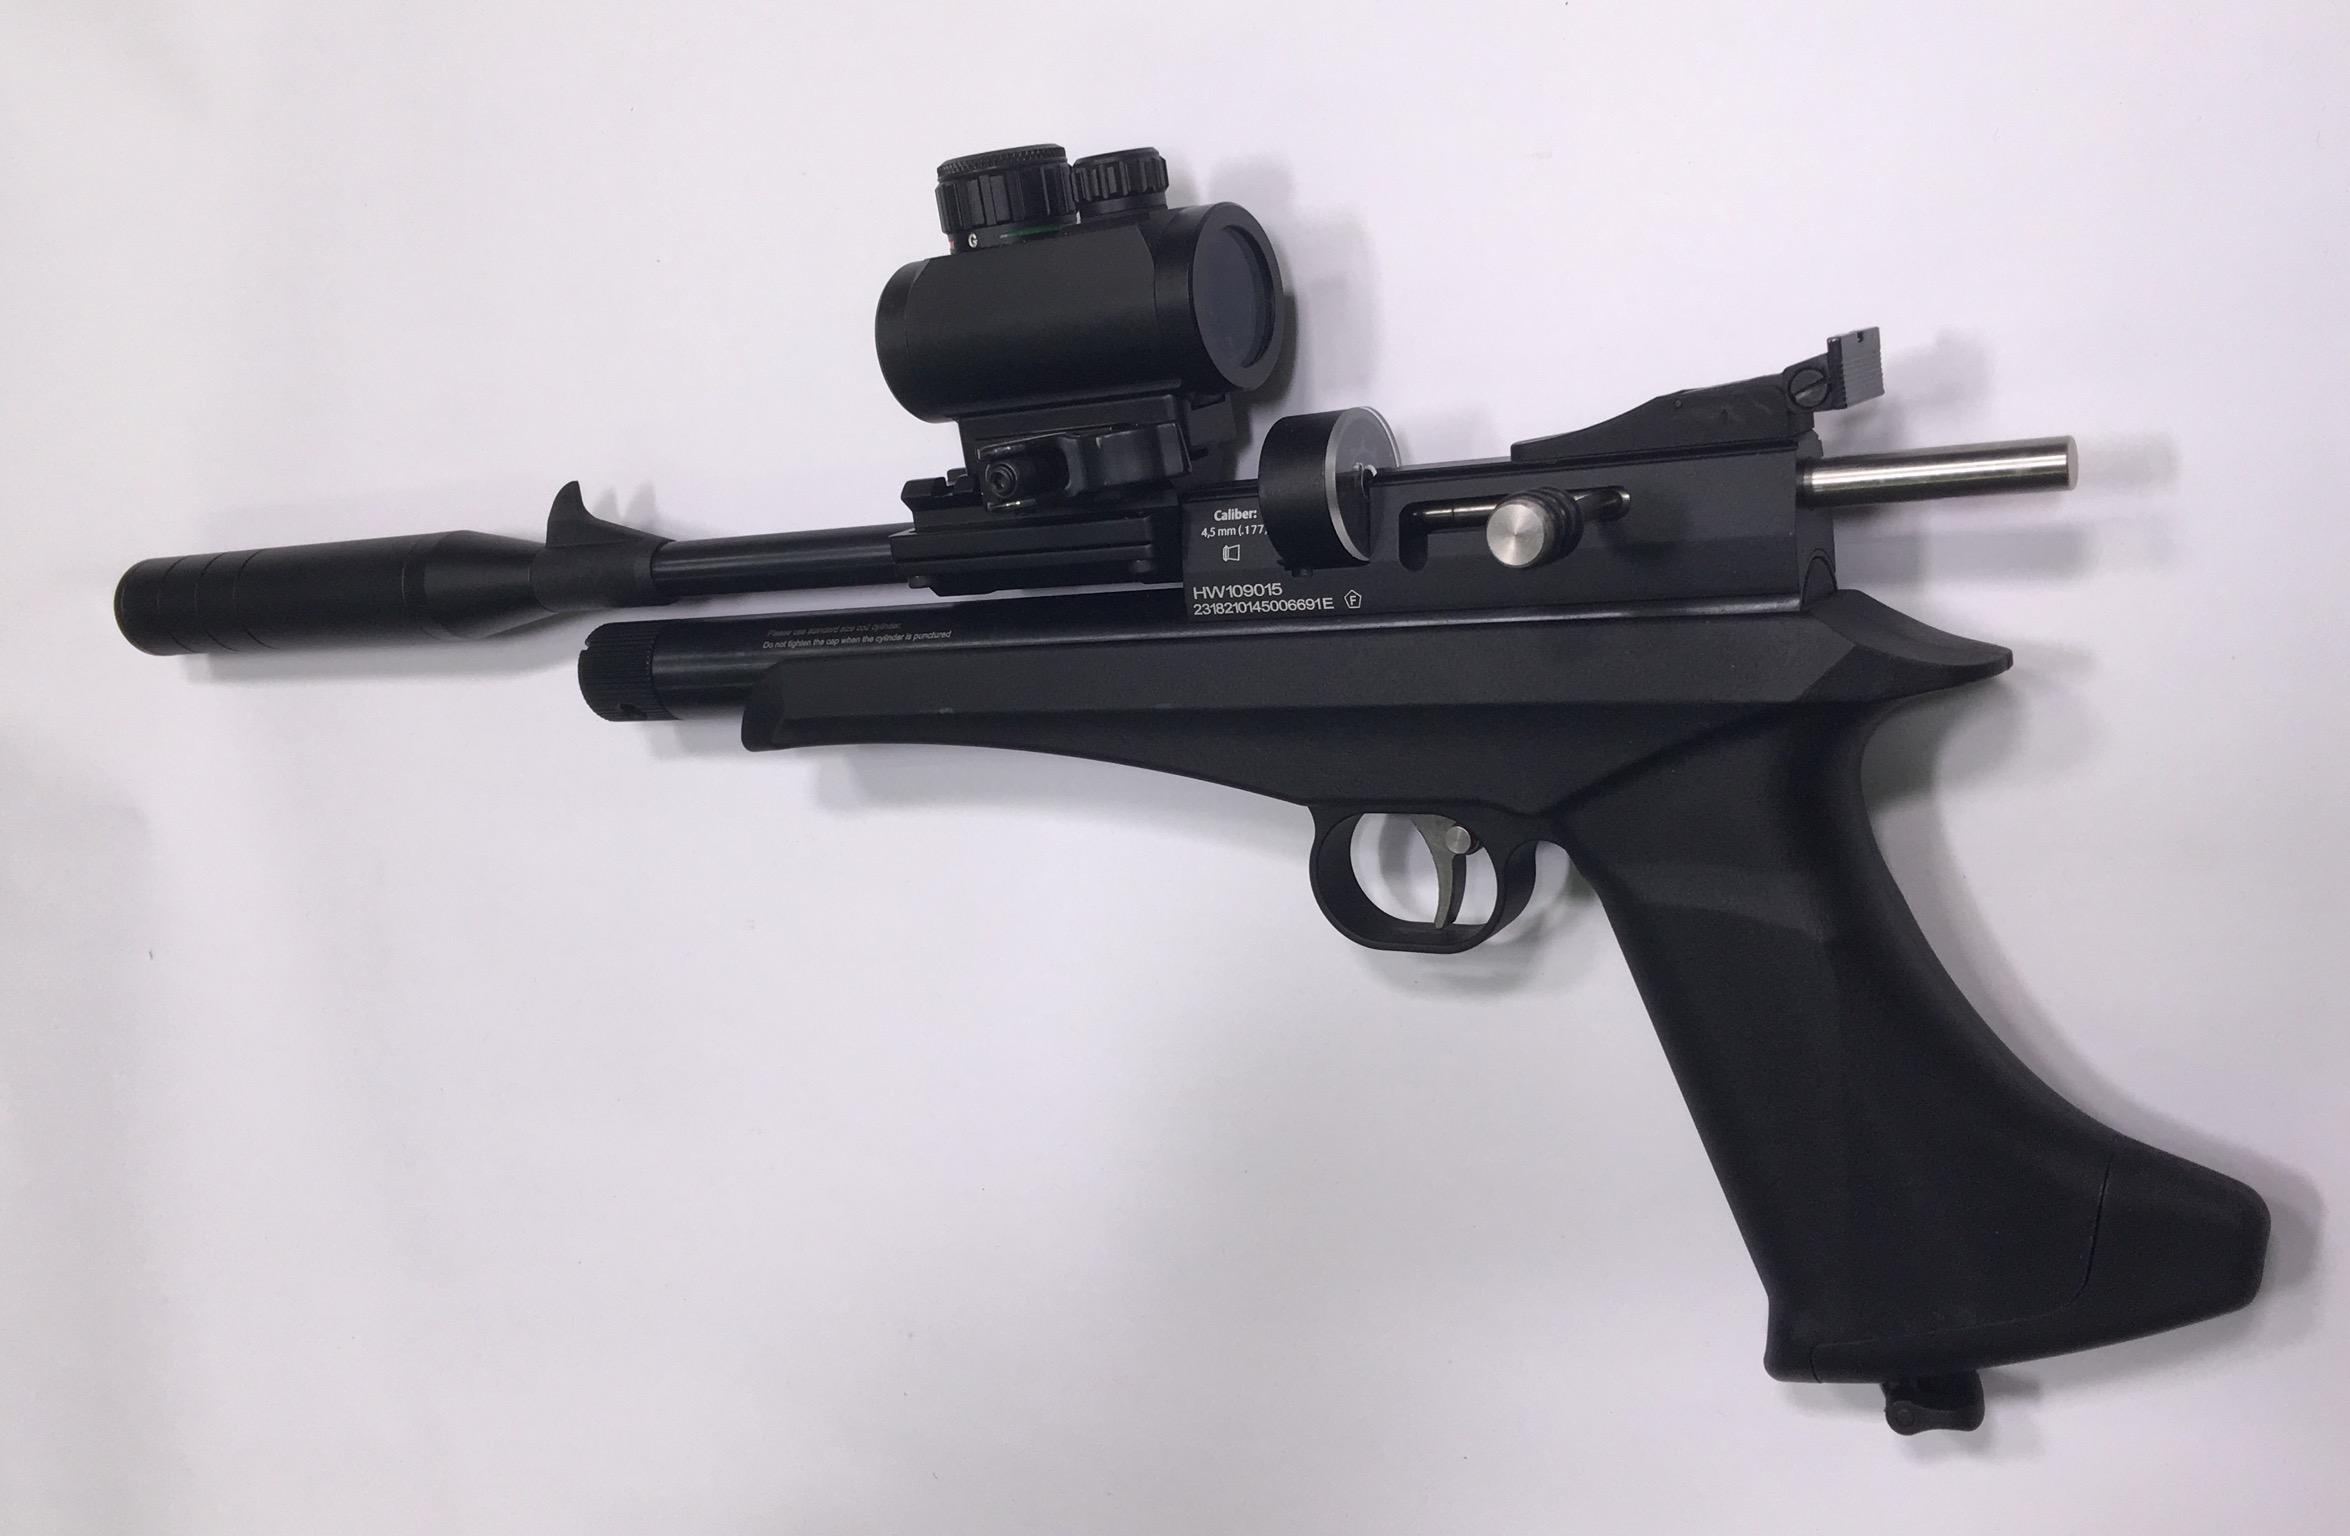 Hier sehen Sie die Pistole mit  <a href=1130221.htm>einem sehr gutem Leuchtpunktvisier.</a> Diese Monatgeversion bietet austreichend Platz für die Verwendung von Magazinen.